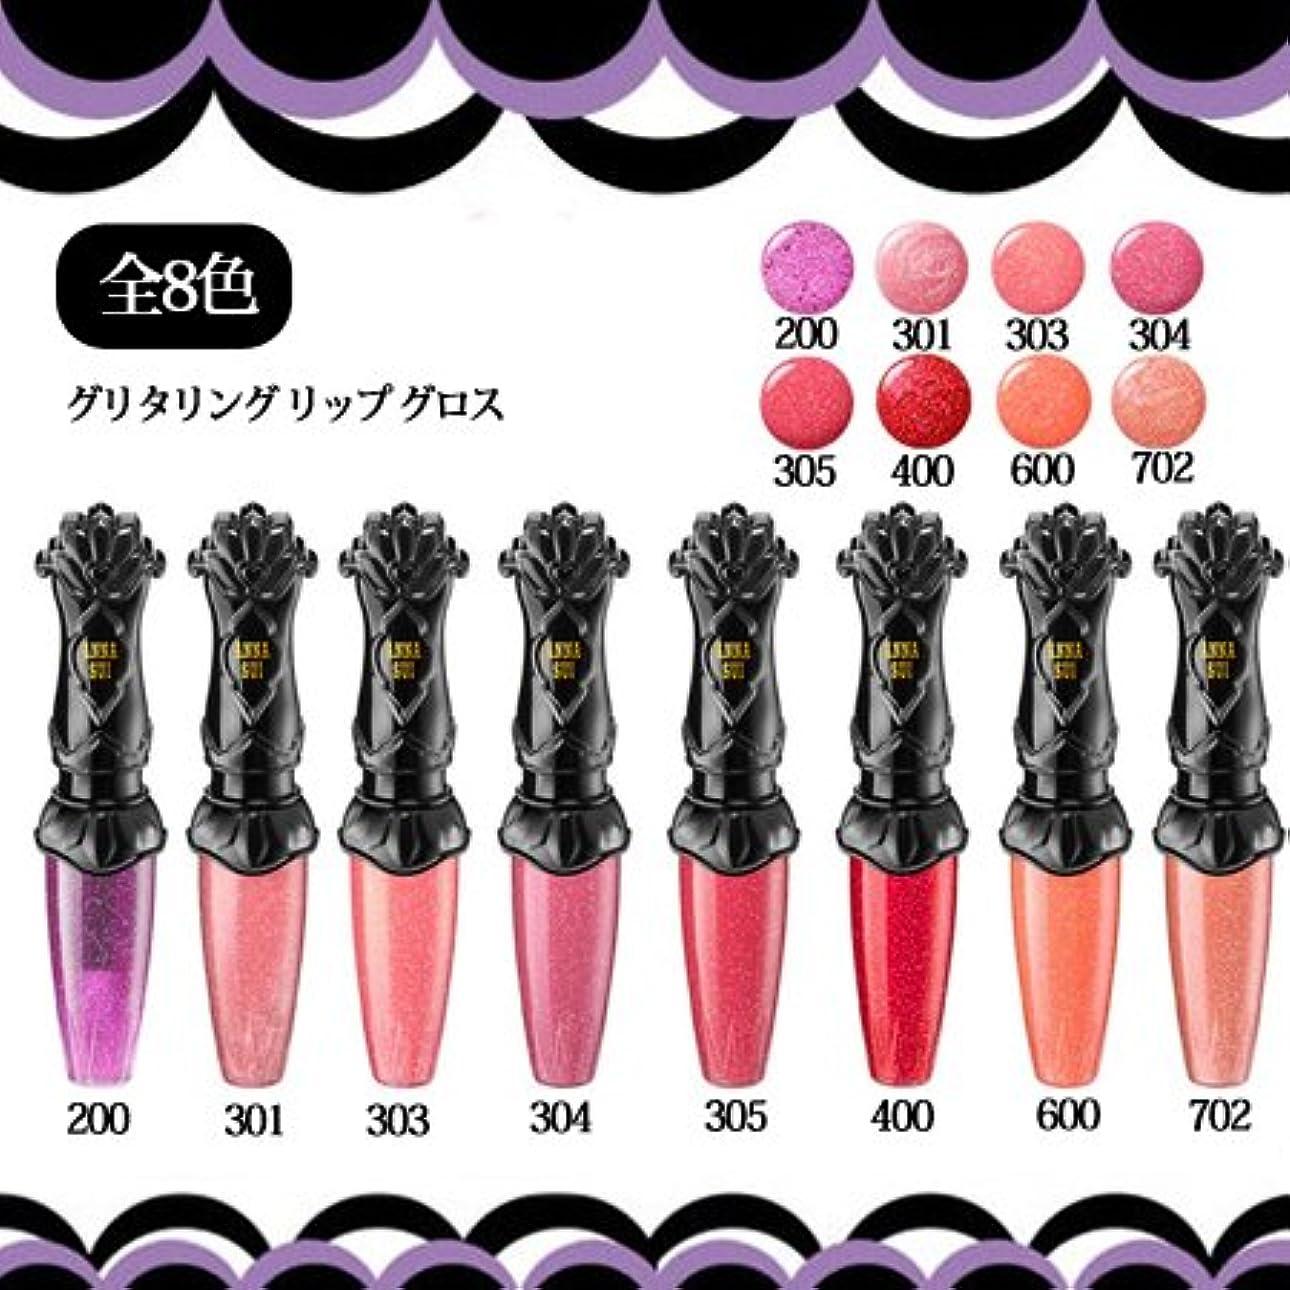 任意蒸し器さようならアナスイ グリタリング リップグロス 全8色 -ANNA SUI-【並行輸入品】 303